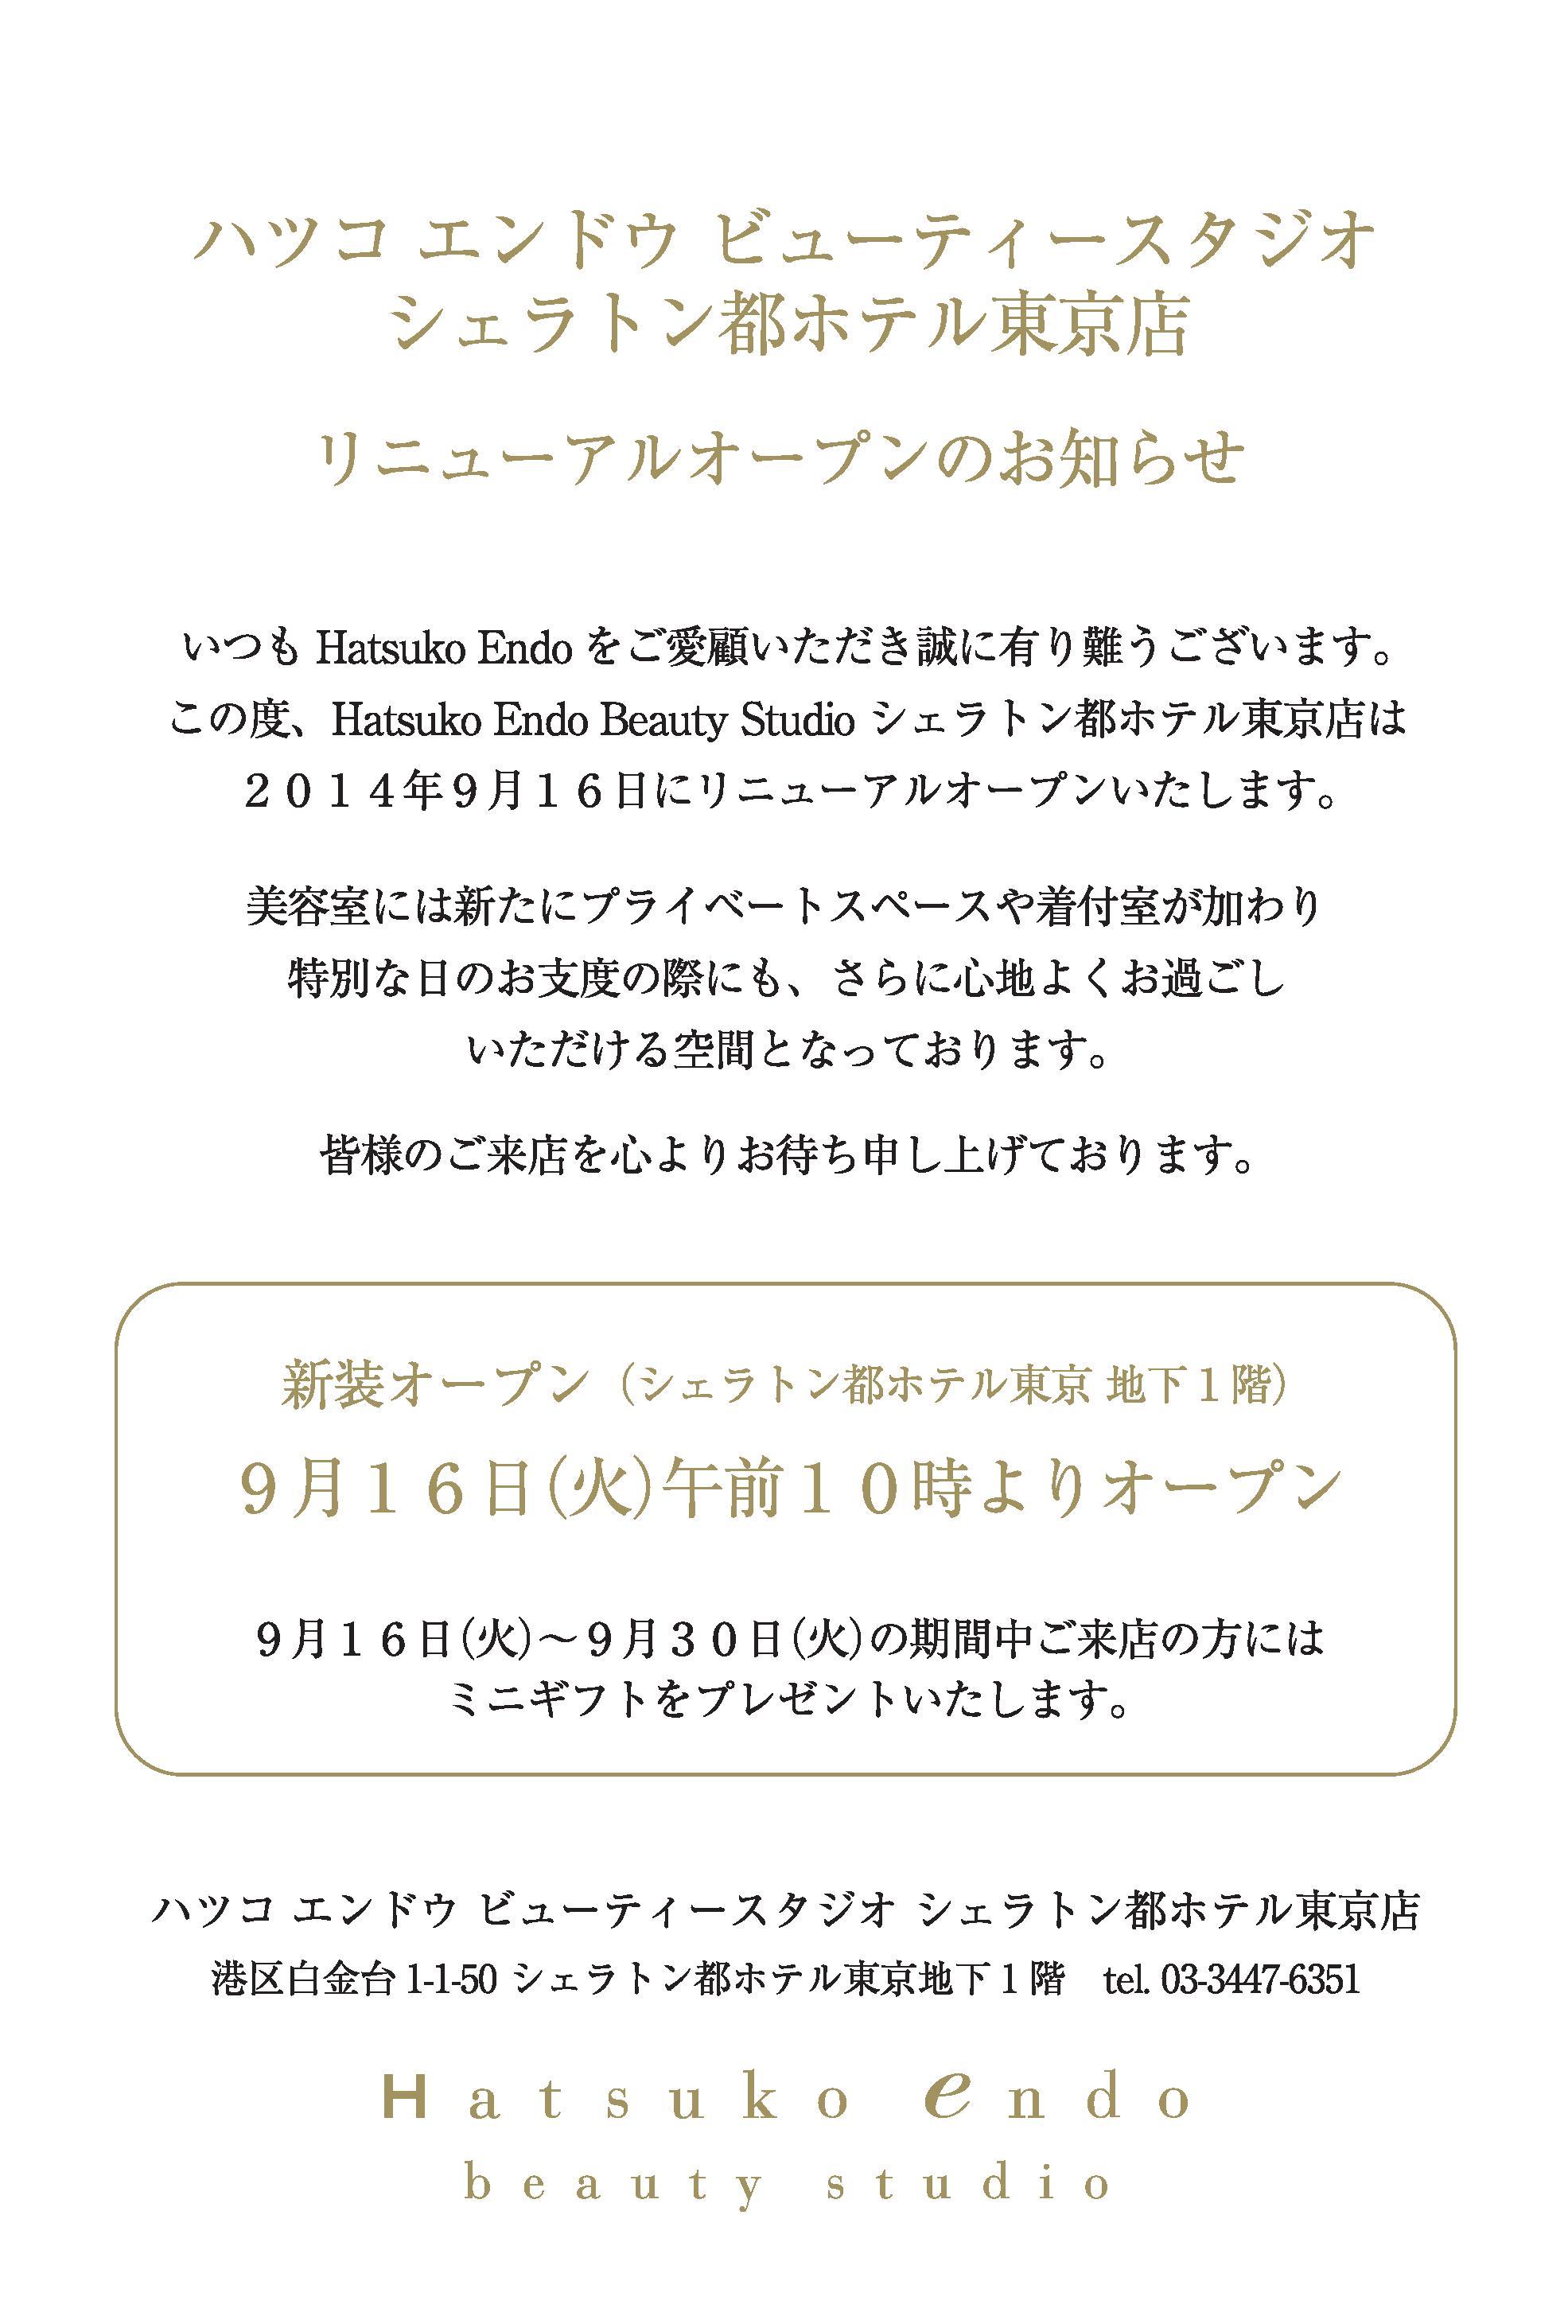 140826_miyako_opdm_ol0001